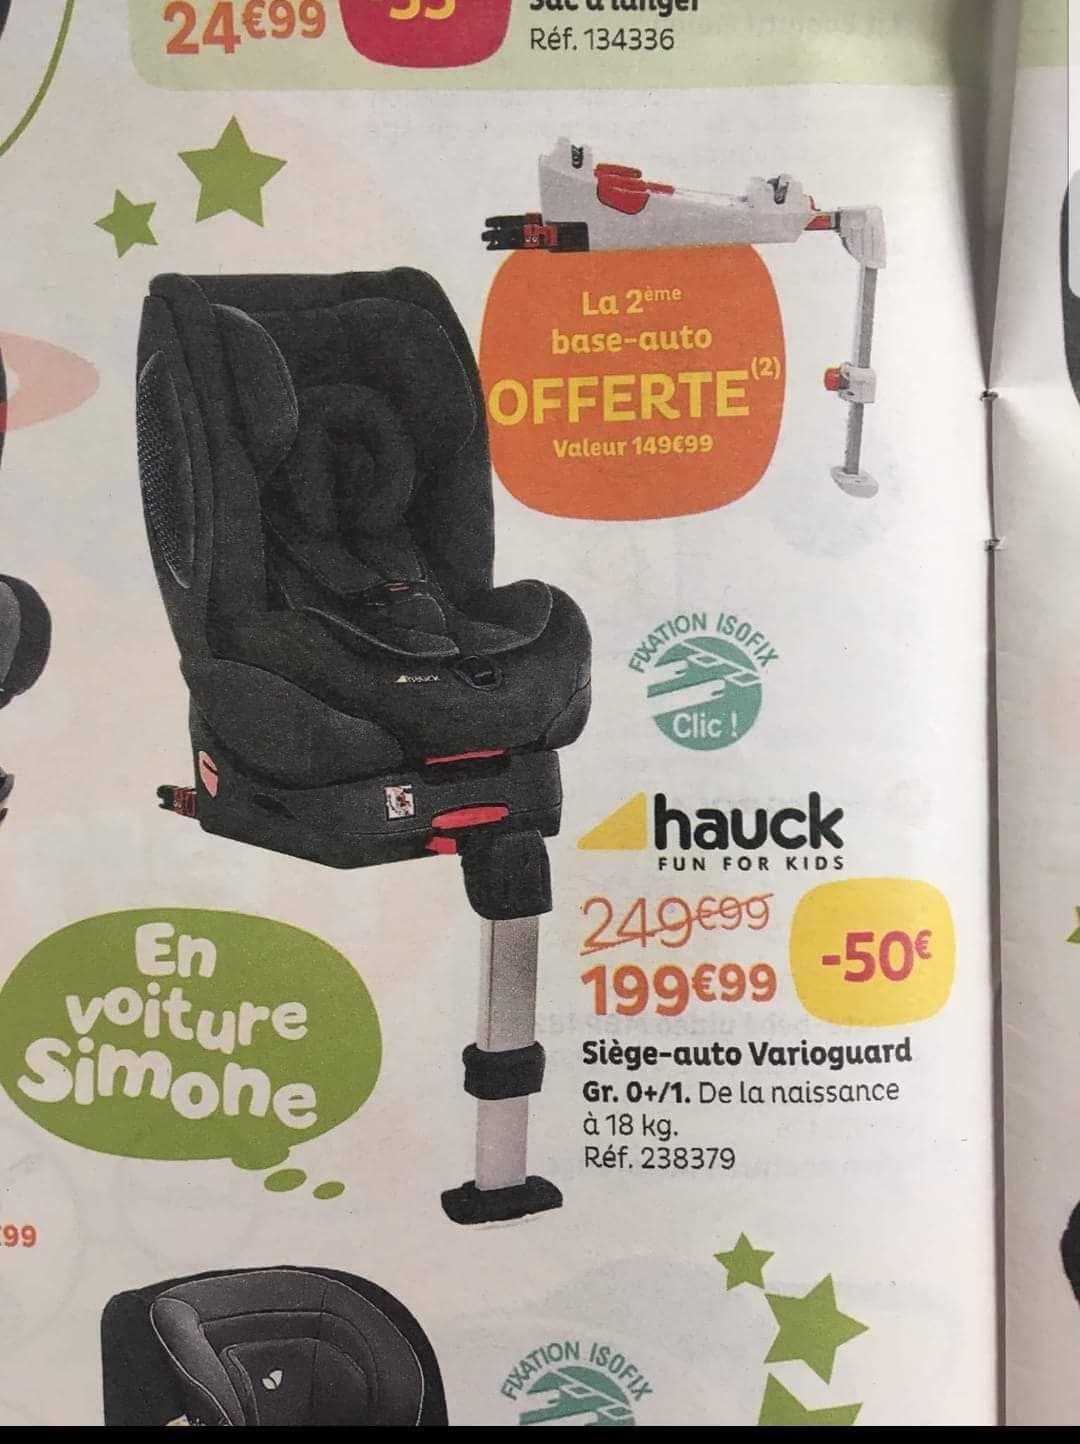 Siège auto Hauck Varioguard Plus 0+/1 et 2ème base isofix  (+15€ en bon d'achat)